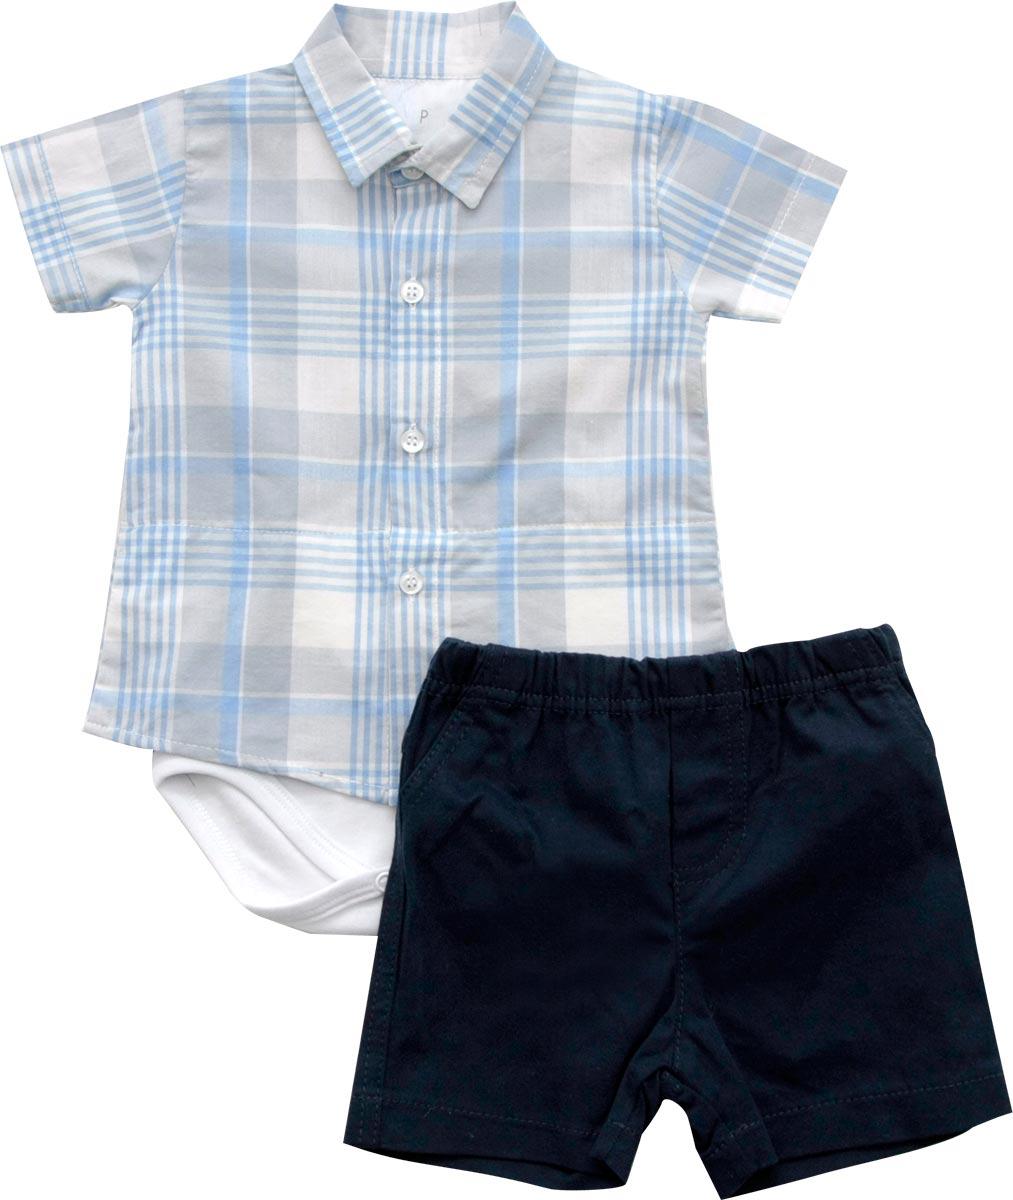 20.539I - Conjunto Body com Camisa